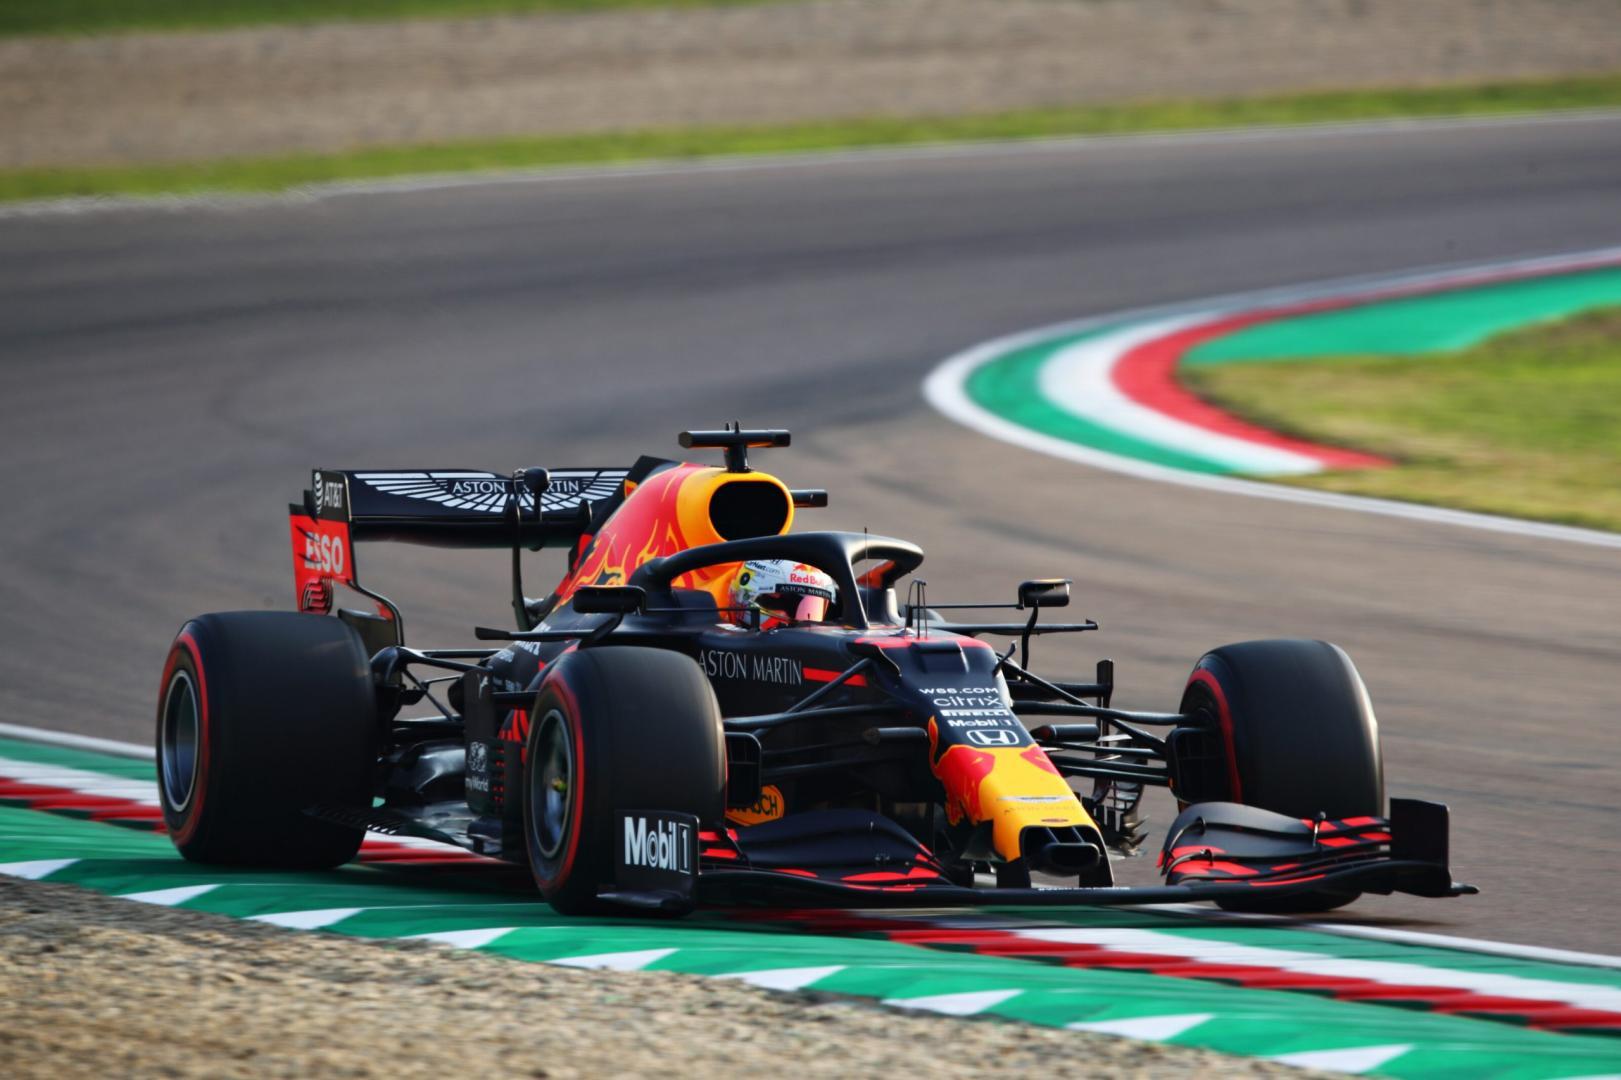 Uitslag van de GP van Emilia-Romagna 2020